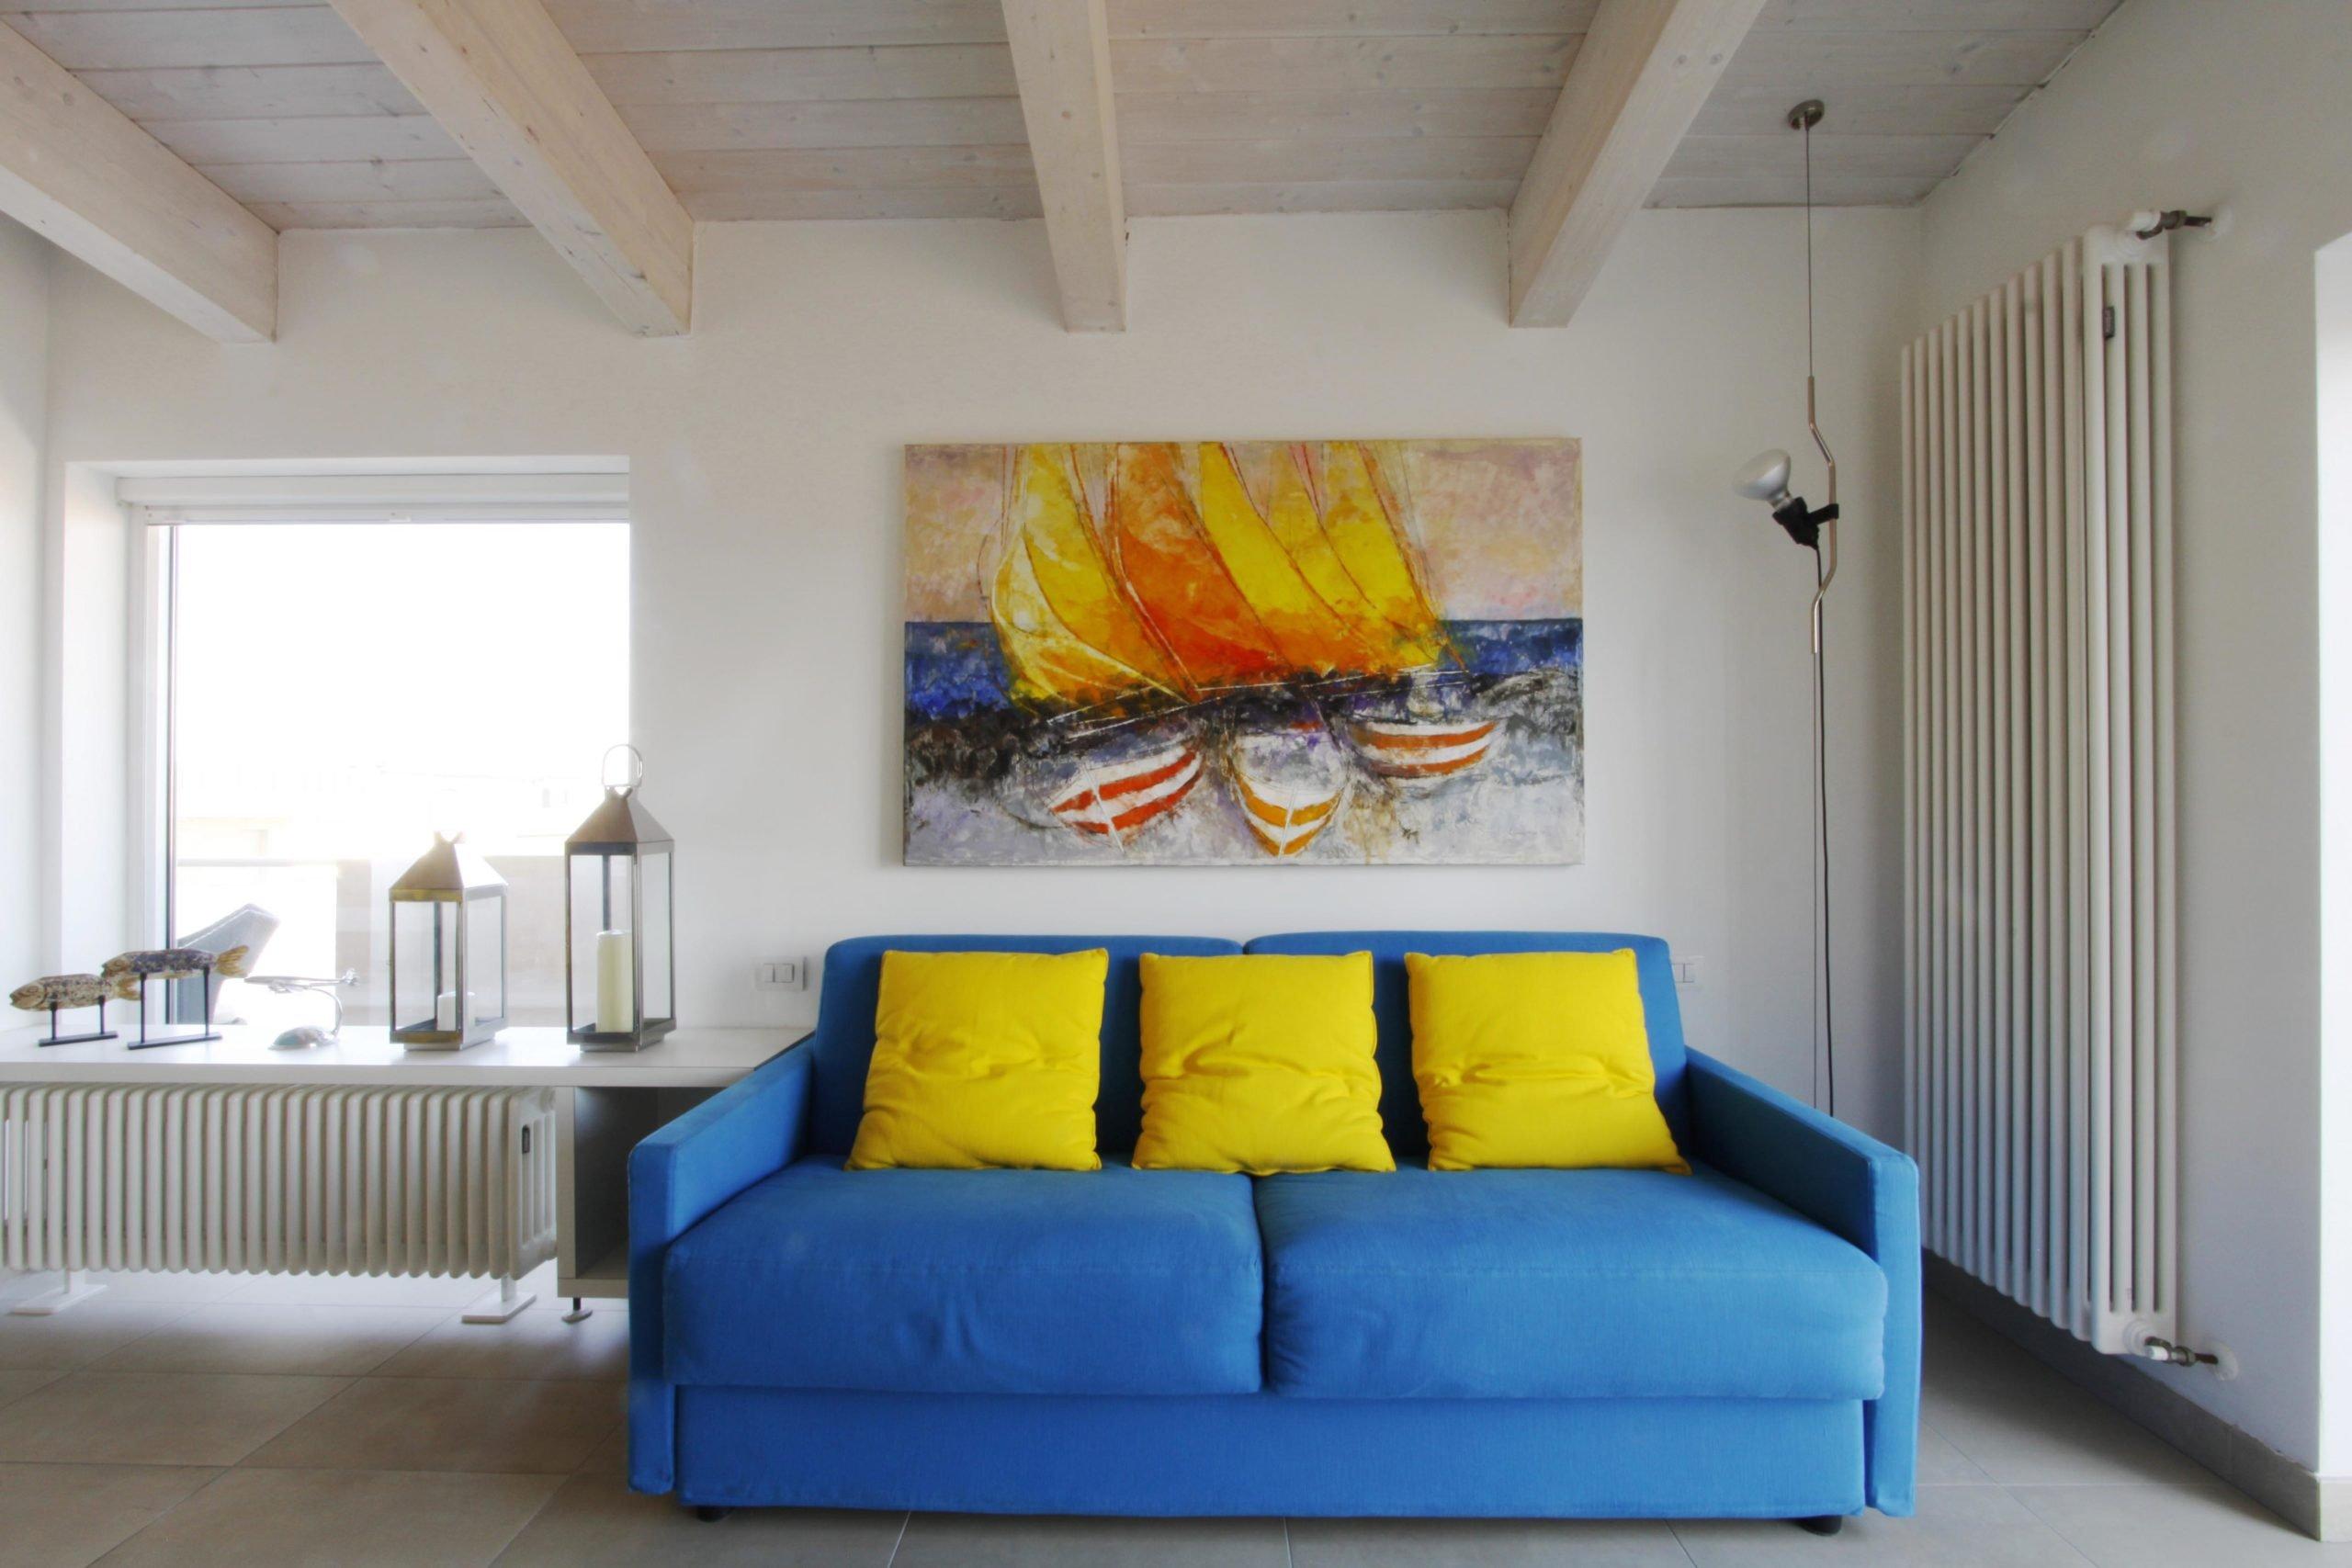 MAURISTUDIO-umberto-mauri-mauri-studio-bosisio-parini-loft_rimini_interior_colors_2000_02